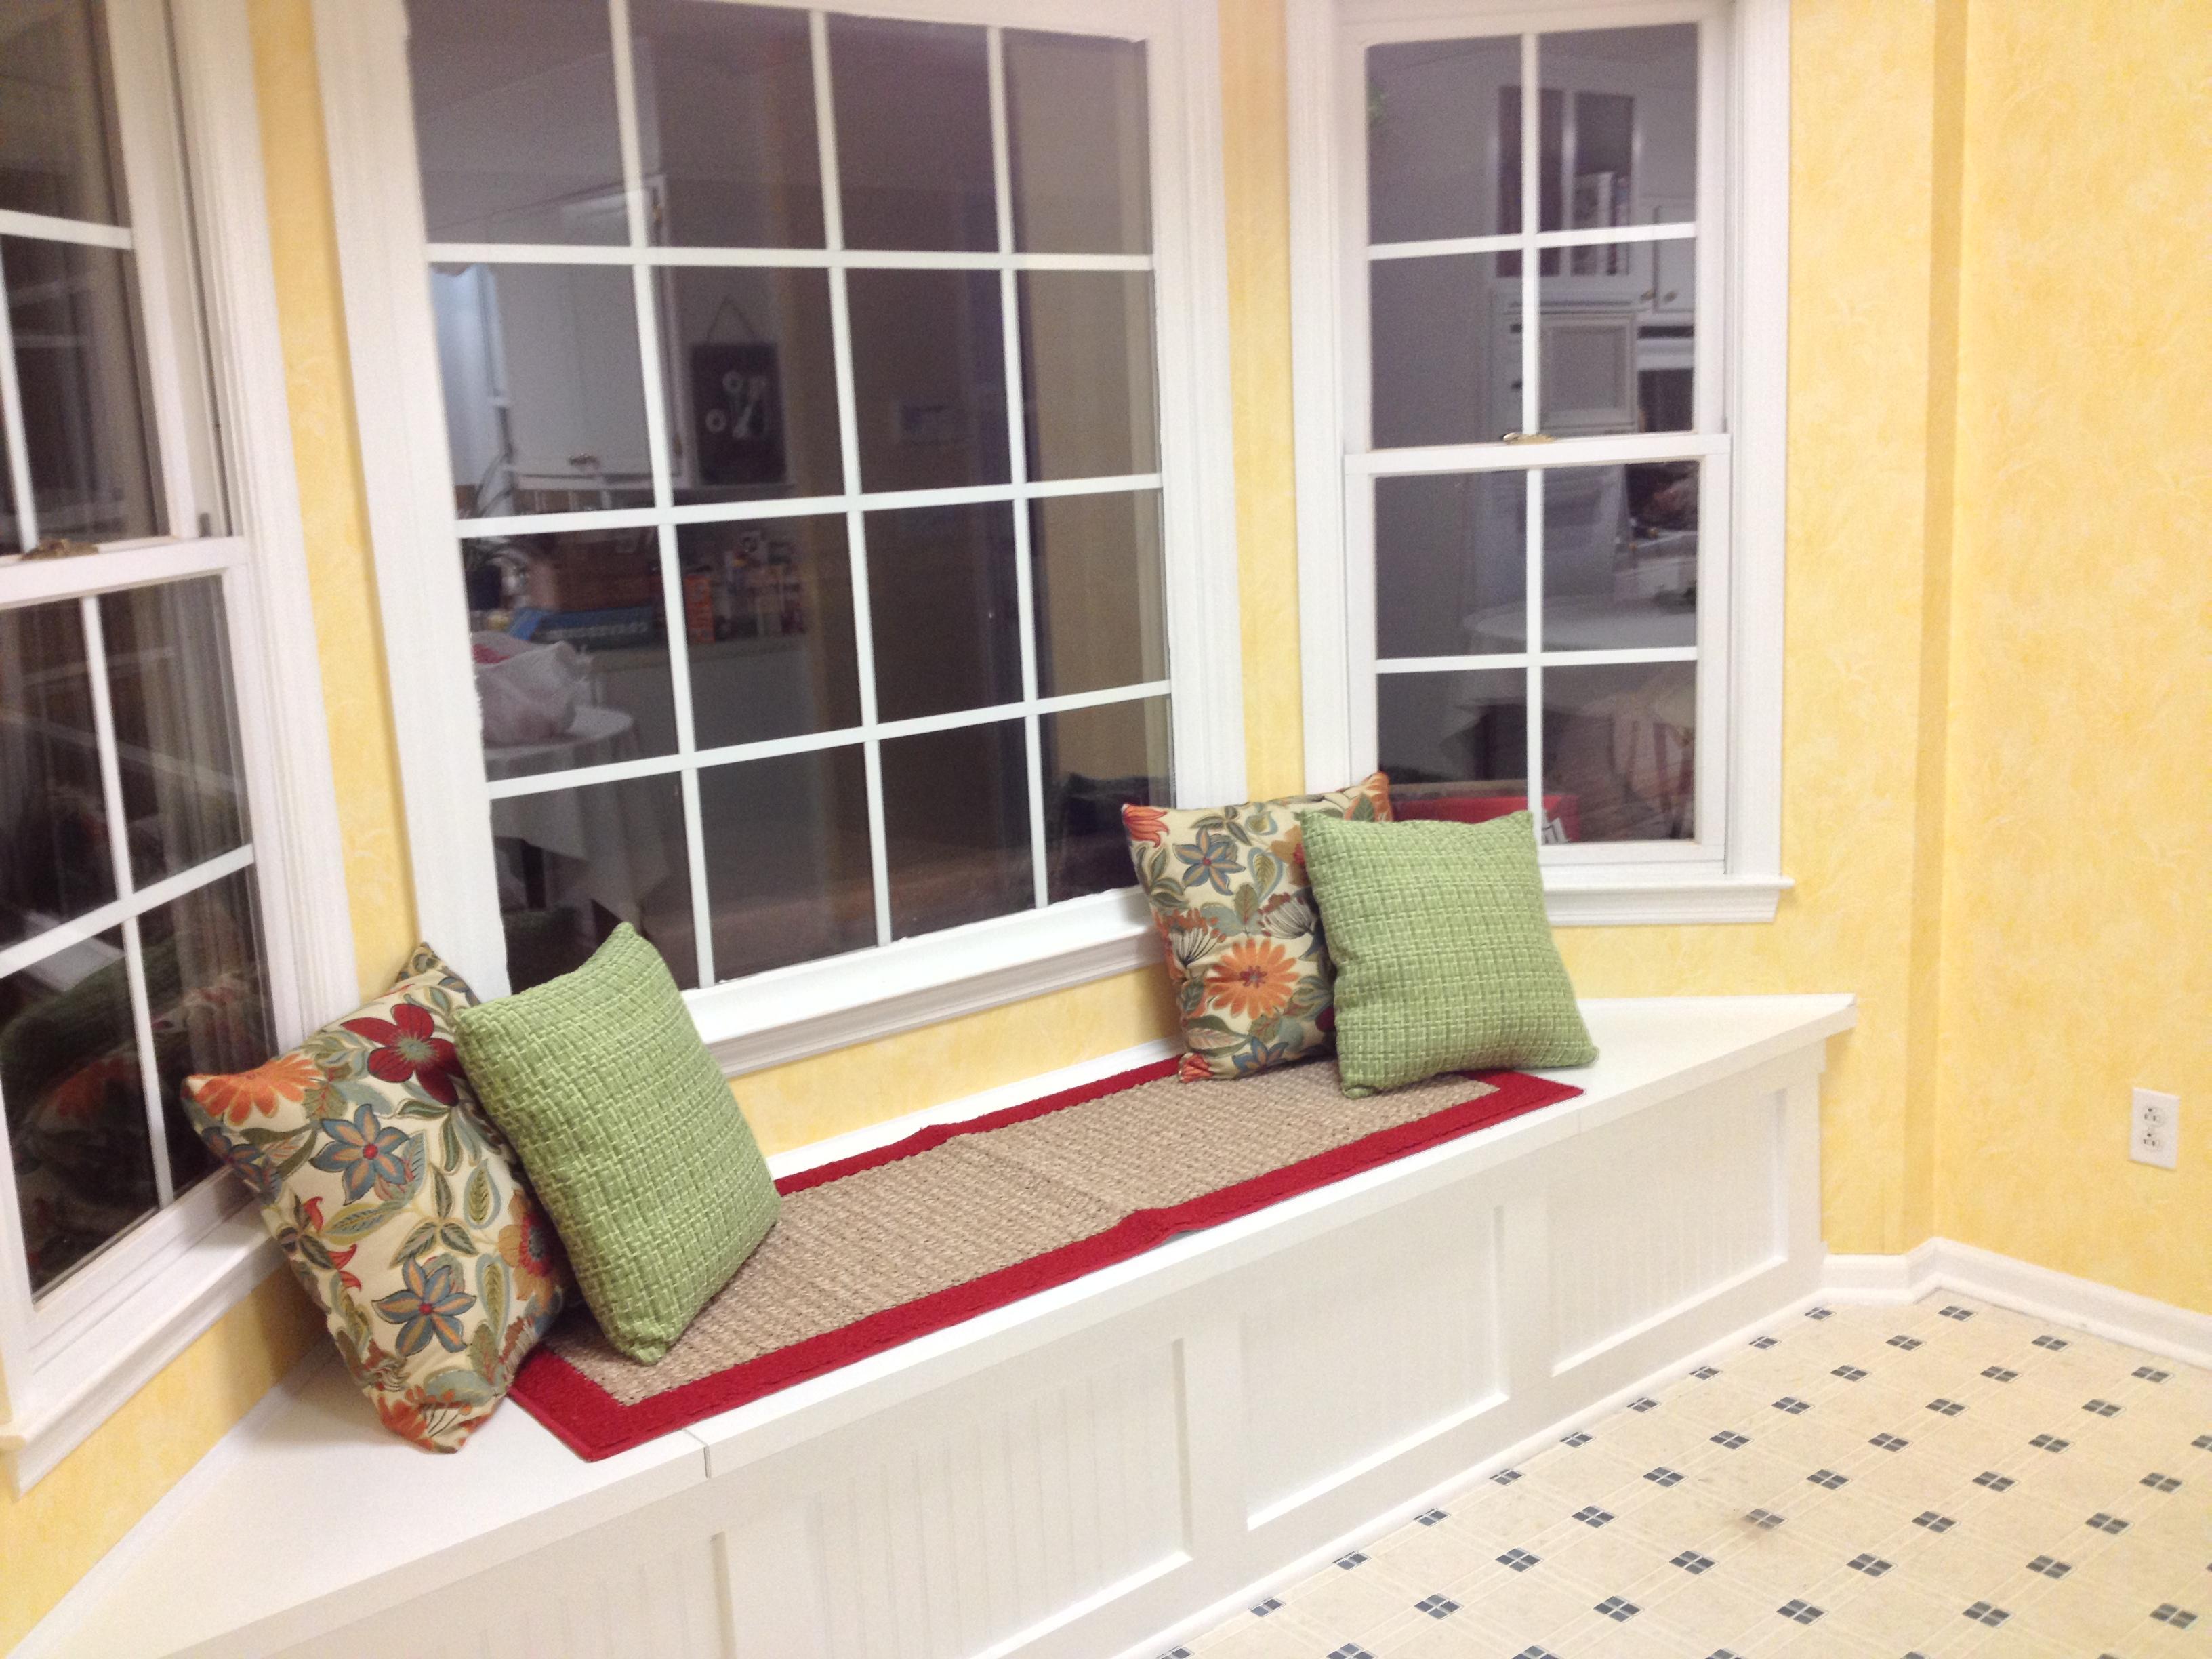 Build a Window Seat with Storage